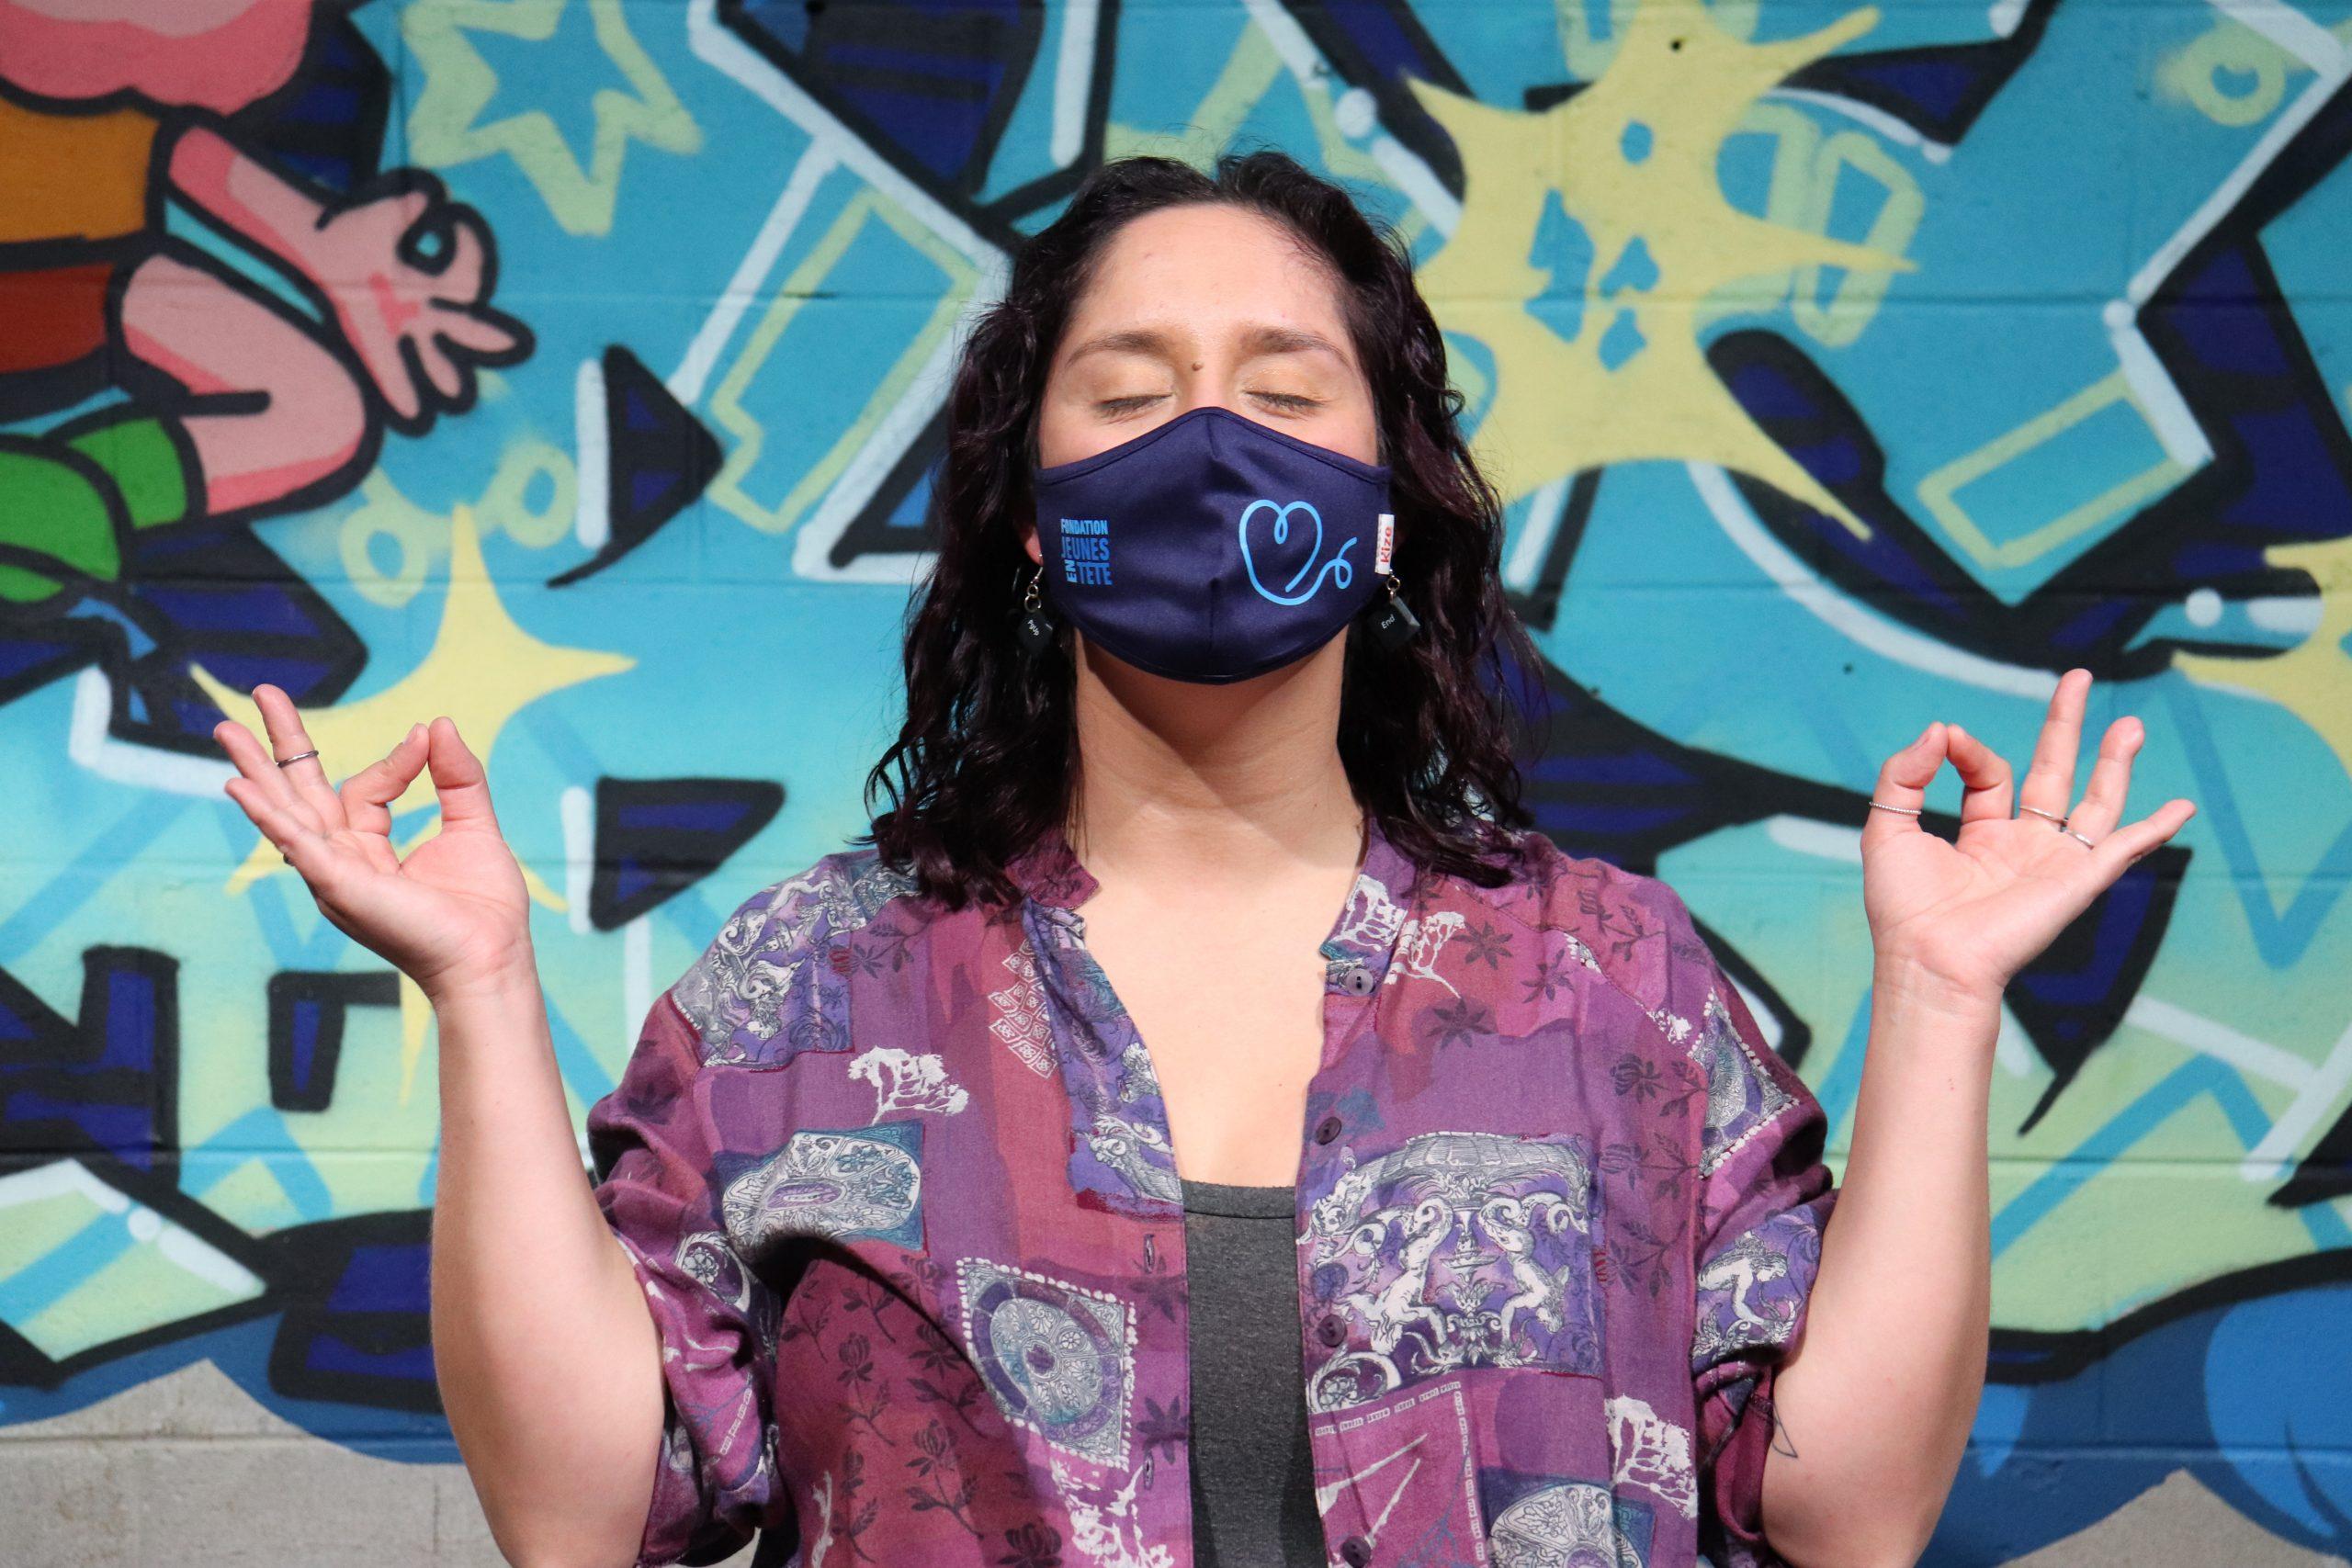 Boutique éphémère - Vente de masques au profit de la santé mentale